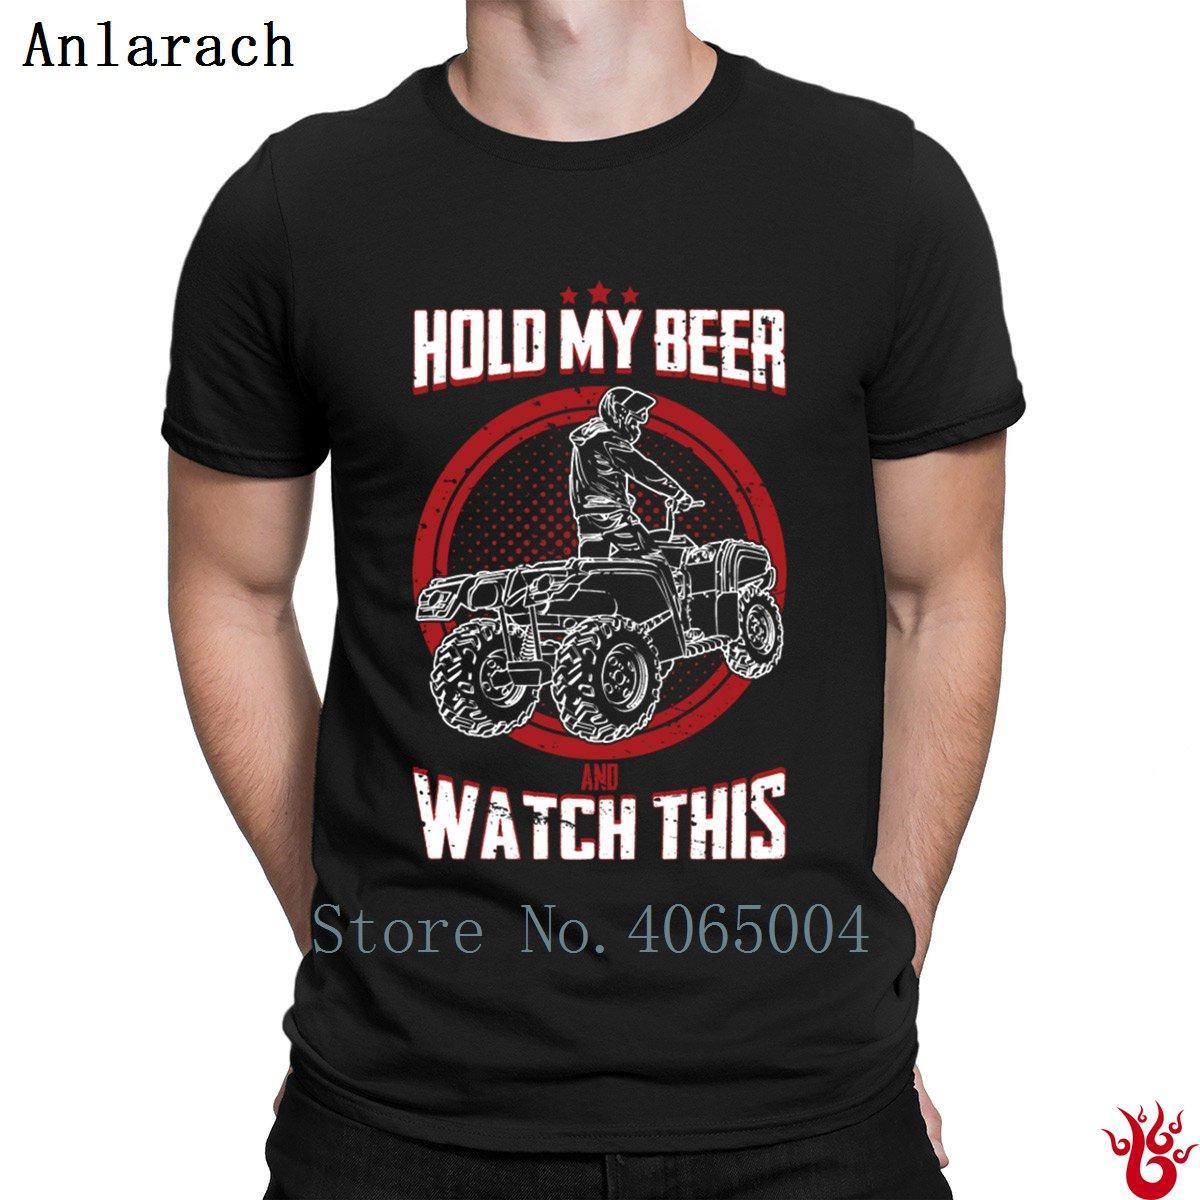 Tenere mia birra e guardare questa estrema veicolo a quattro ruote T-shirt lettere Pop Top Tee maglietta per gli uomini 2018 regalo cool O Collo di base